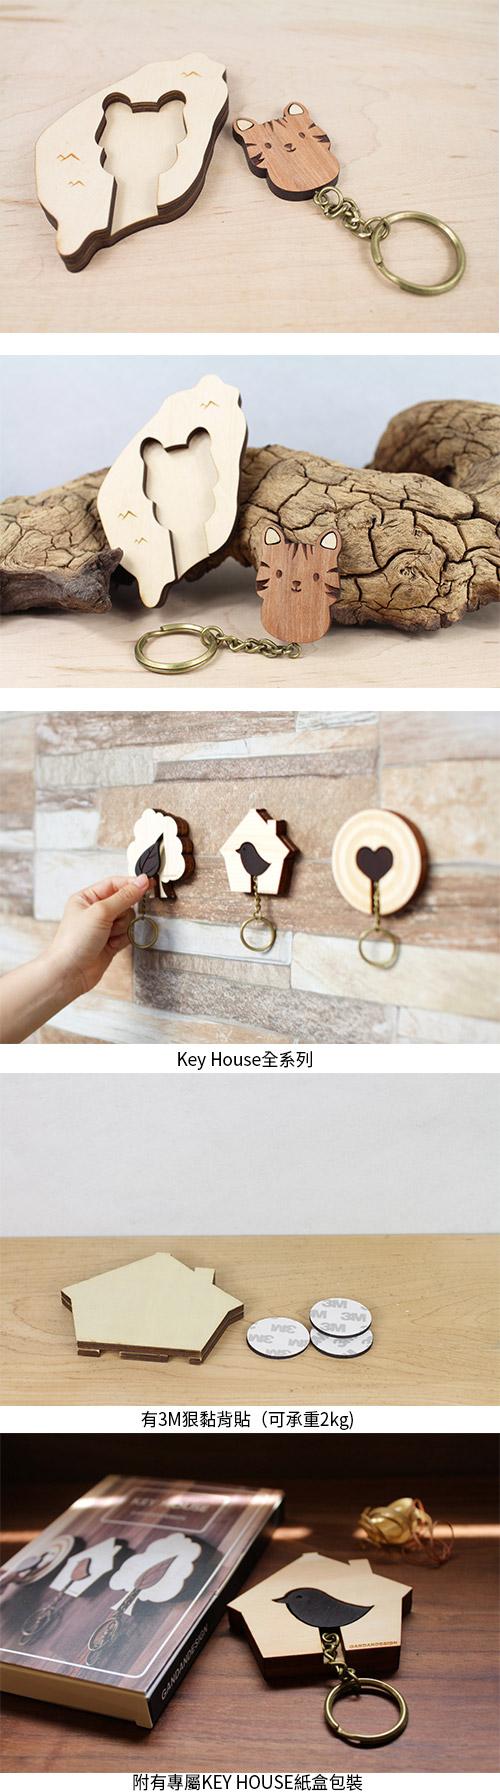 甘丹 Key House 台灣石虎